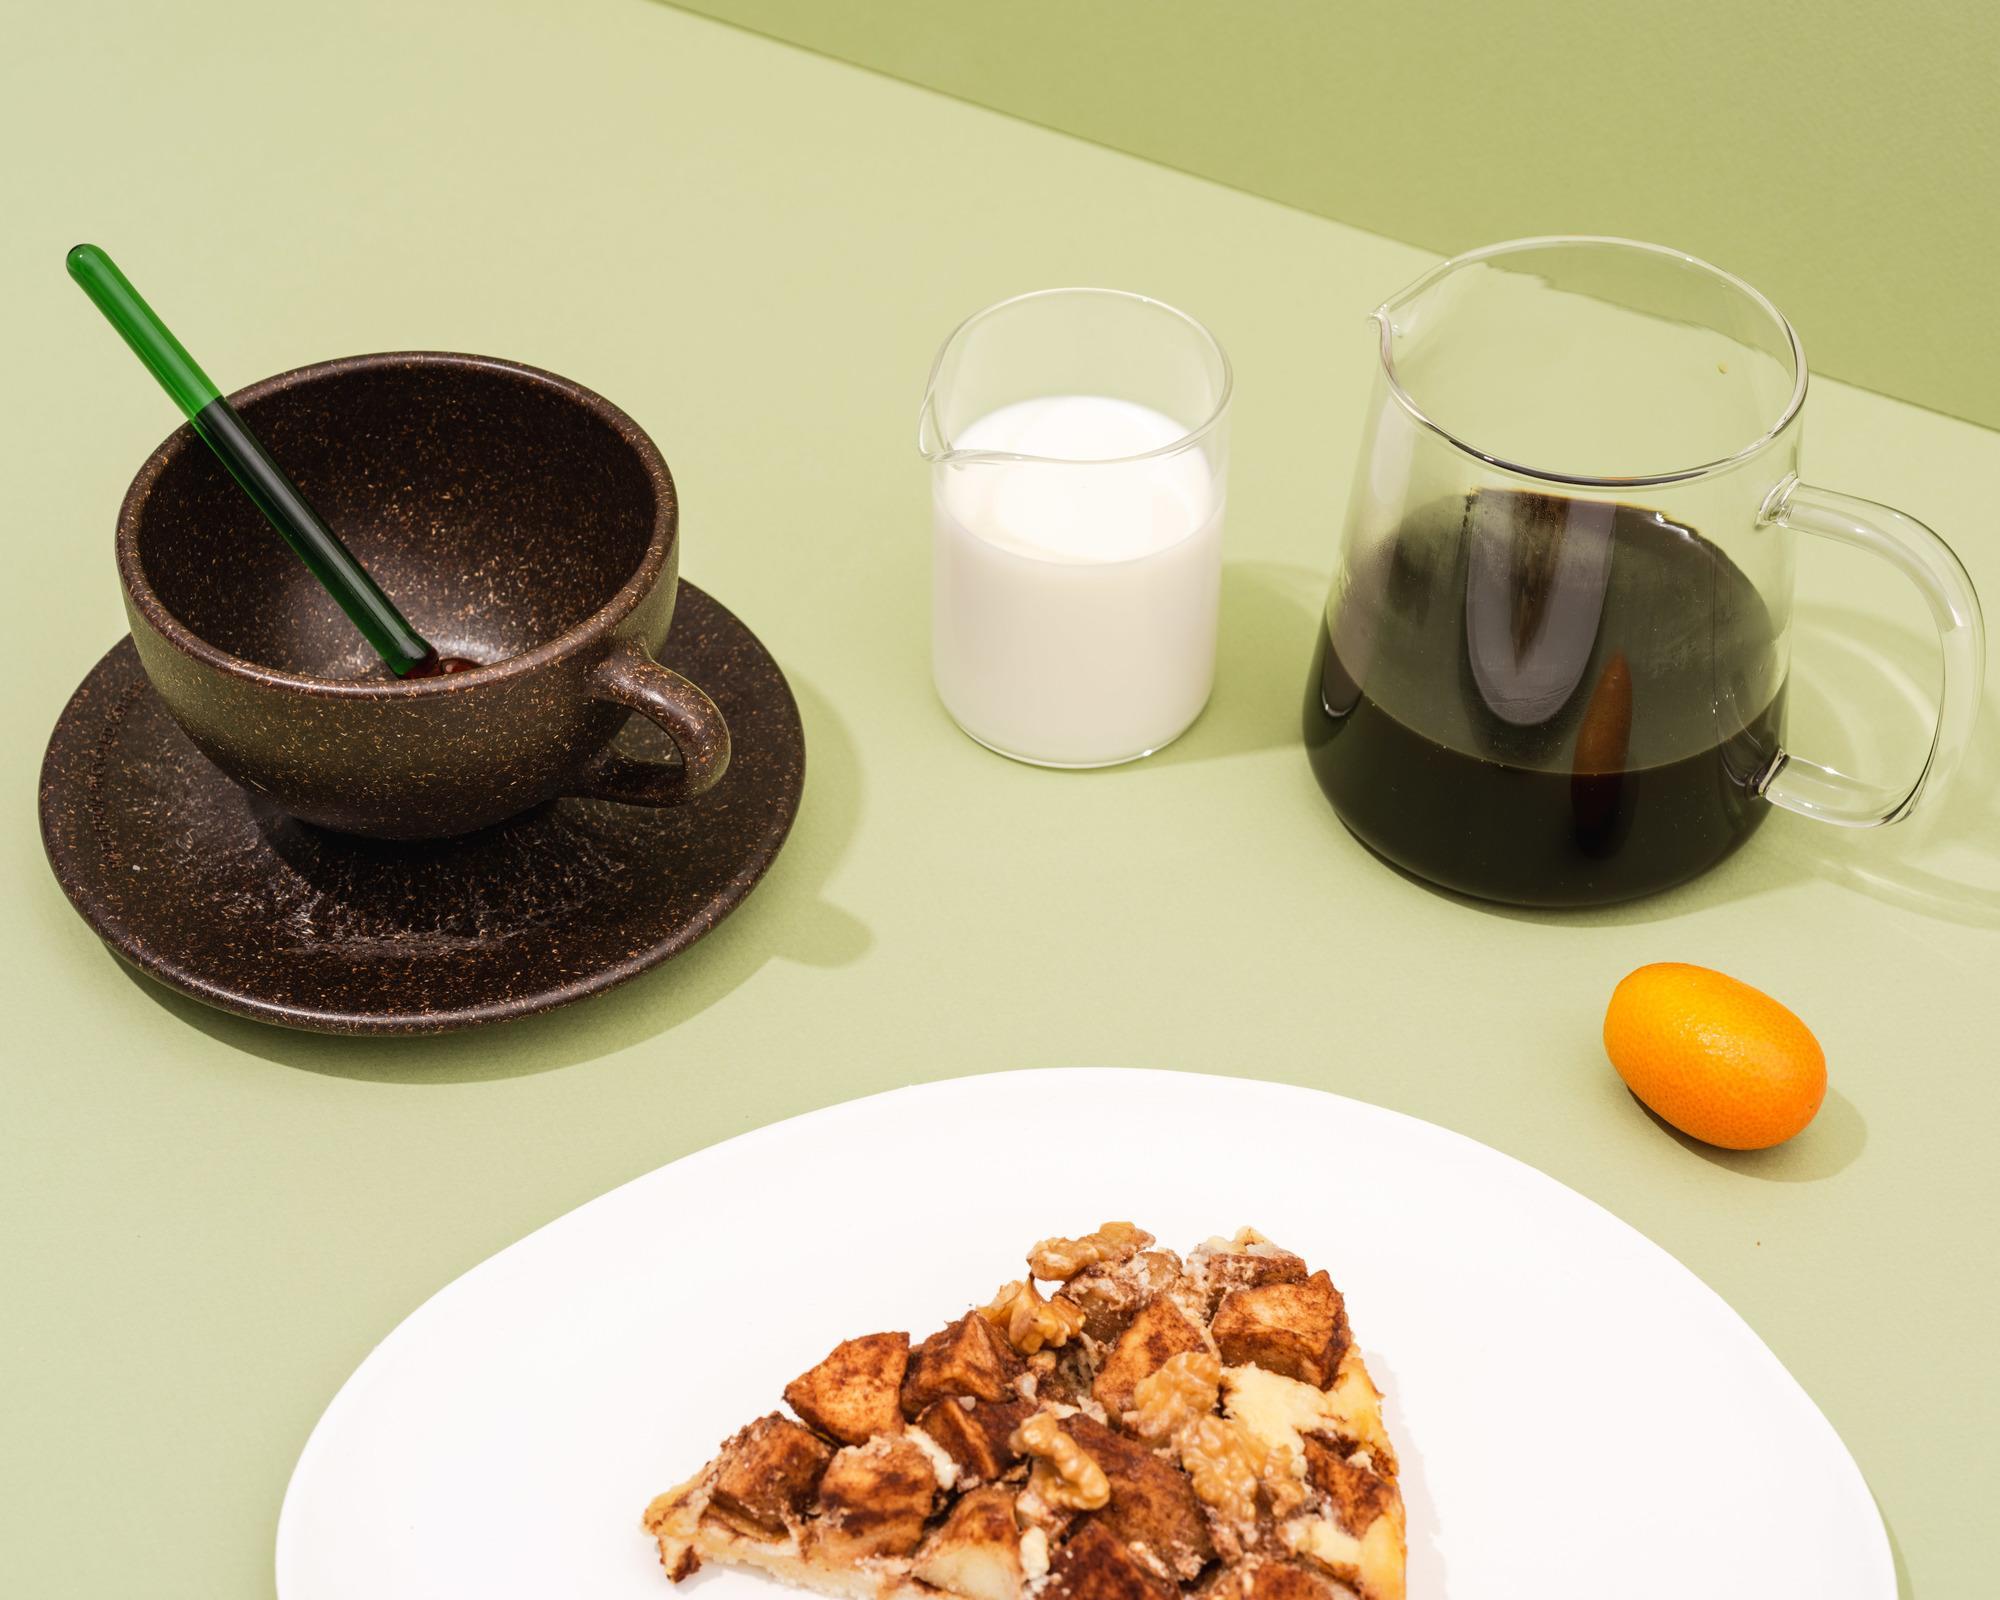 Kaffeeform Latte cup aus Kaffeesatz mit Unteratasse mit Filterkaffe, Milch und Gebäck auf grünem Hintergrund